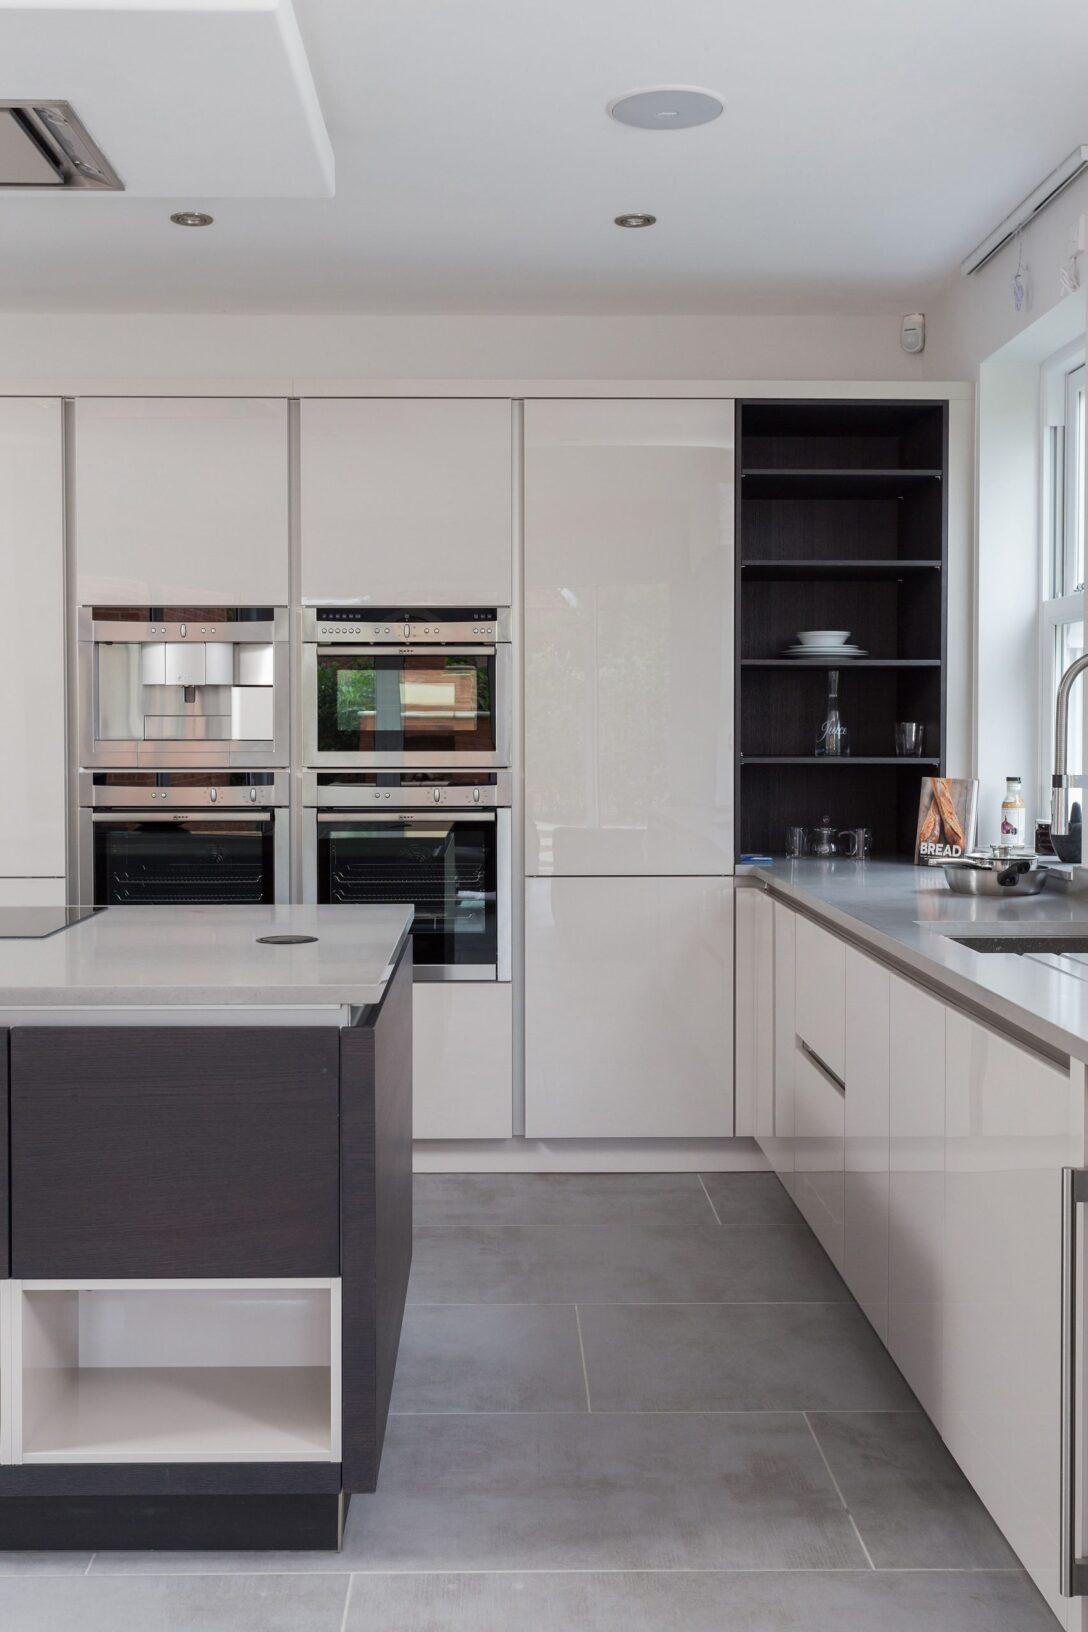 Large Size of Kche Nolte Erfahrung Oder Ikea Magnolia Glasfront Waschbecken Betten Küche Küchen Regal Schlafzimmer Wohnzimmer Nolte Küchen Glasfront